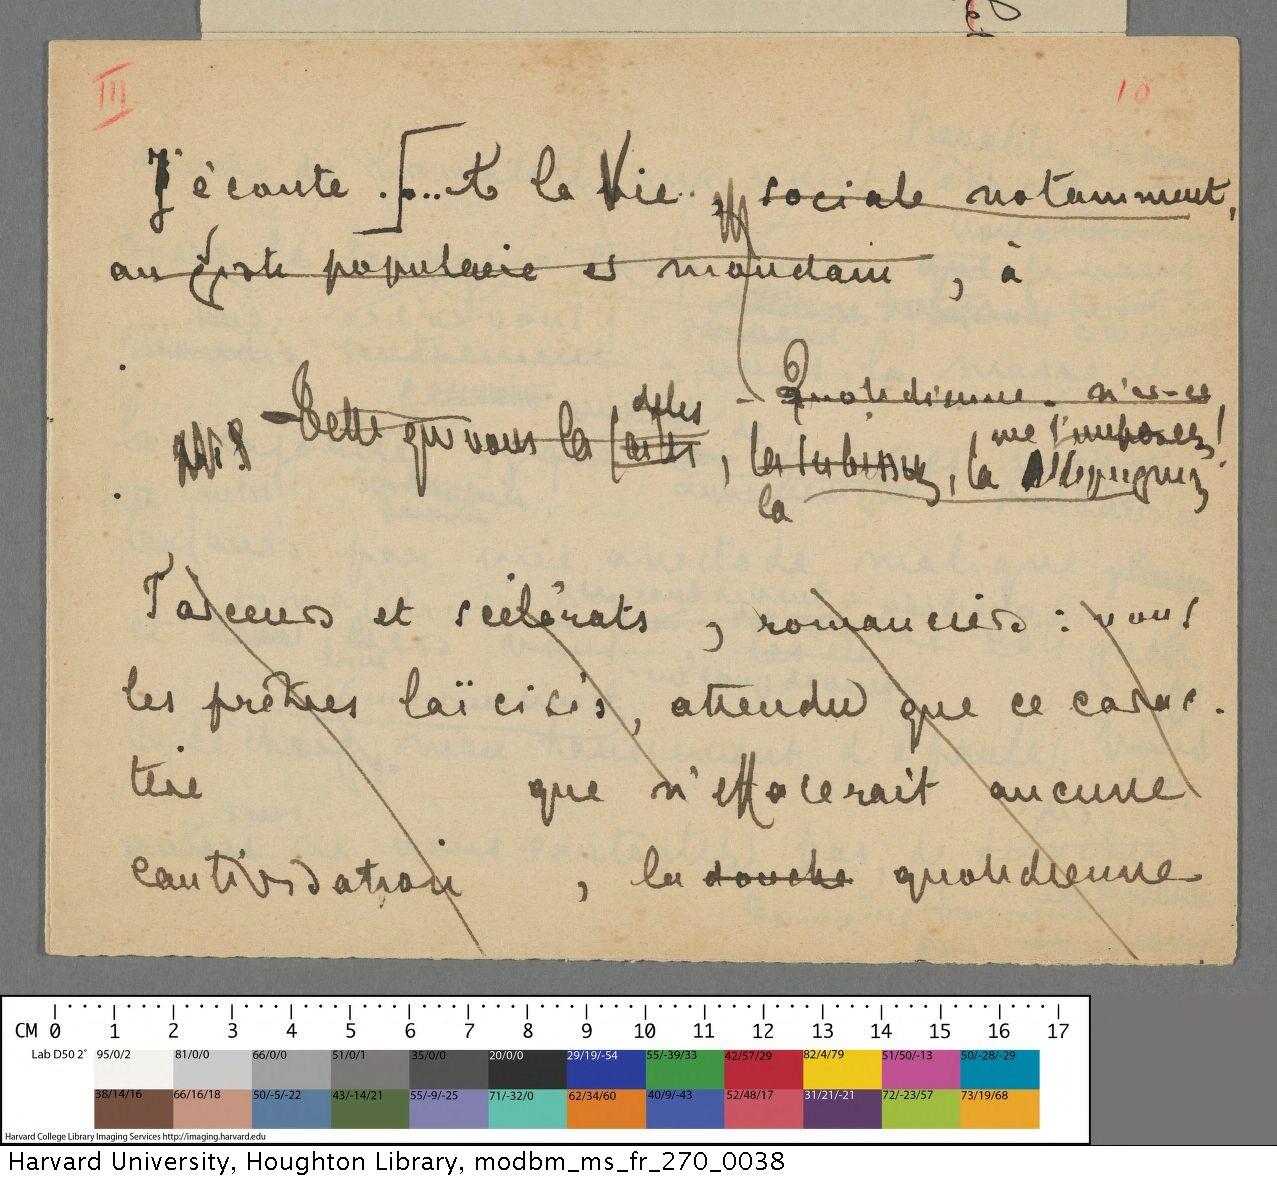 Mallarmé, Stéphane, 1842-1898. [Le livre] : manuscript, [undated]. MS Fr 270